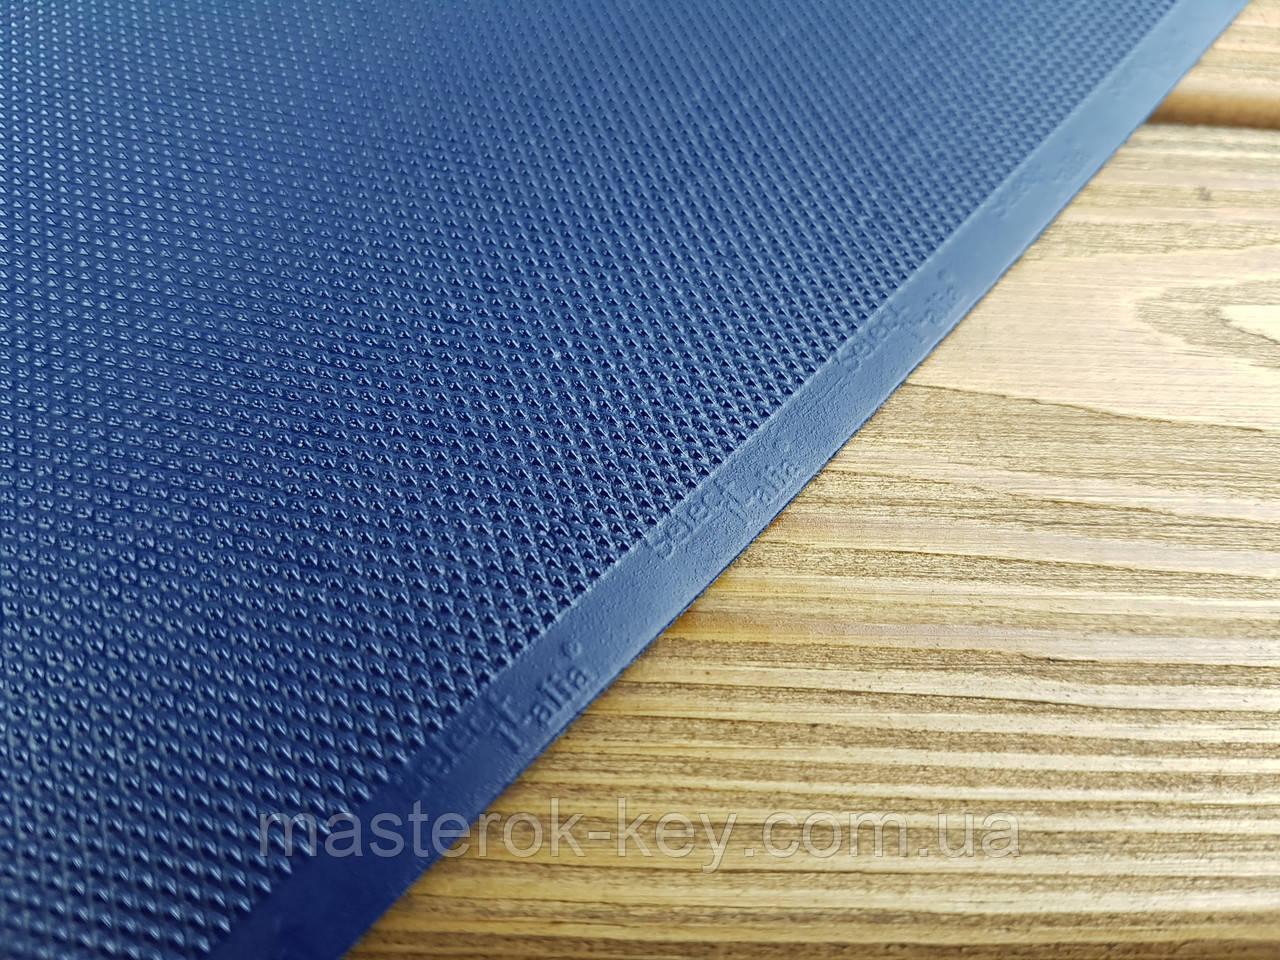 Профілактика поліуретанова SELECT MONO Італія на тканинній основі 500*200*1,2 мм колір темно-синій 4656